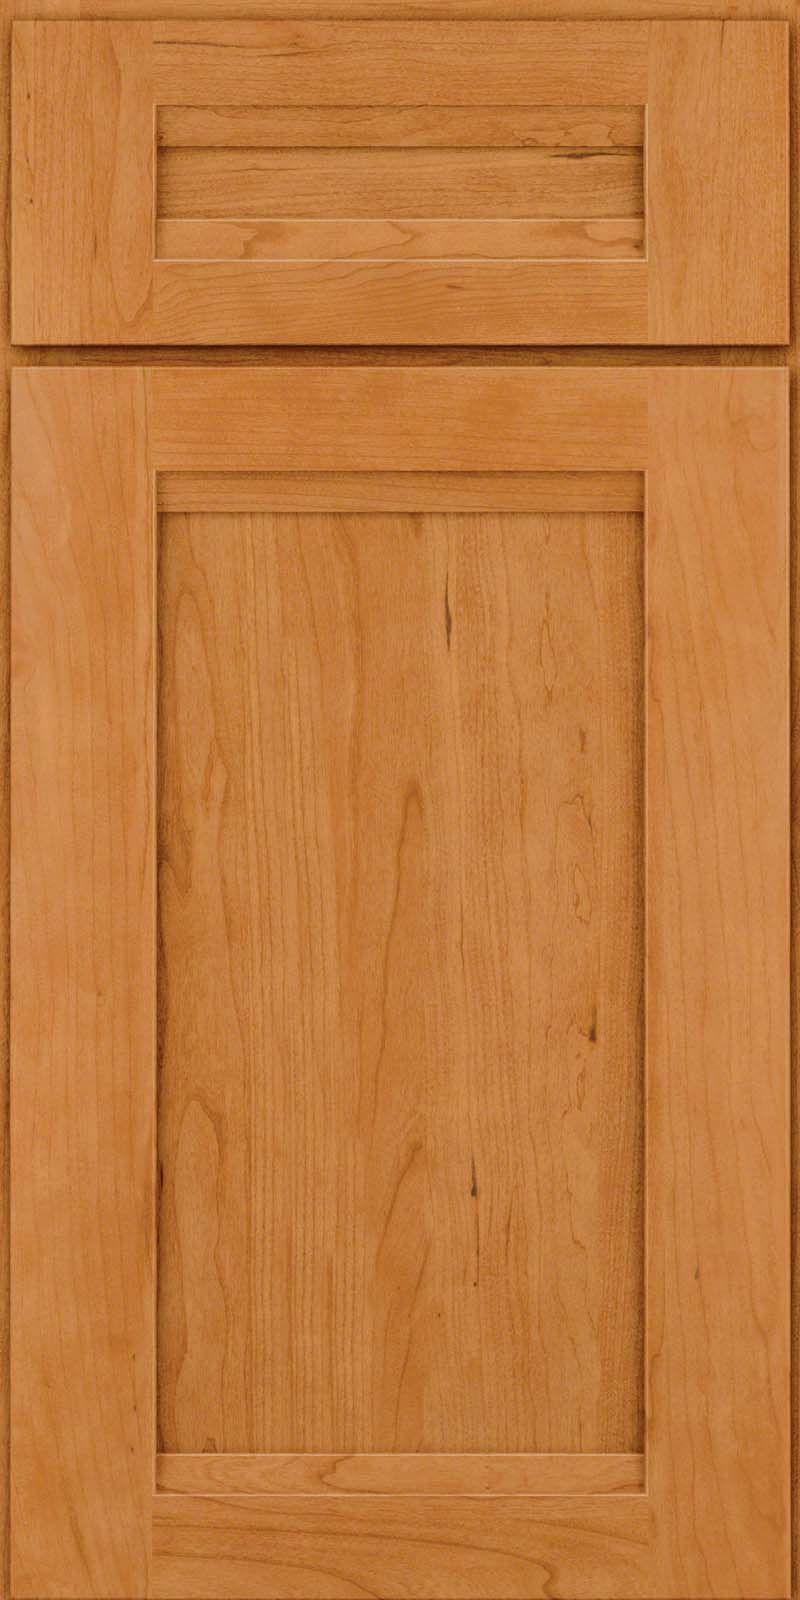 Kraftmaid cabinet style thornton wood maple finish for Kraftmaid doors